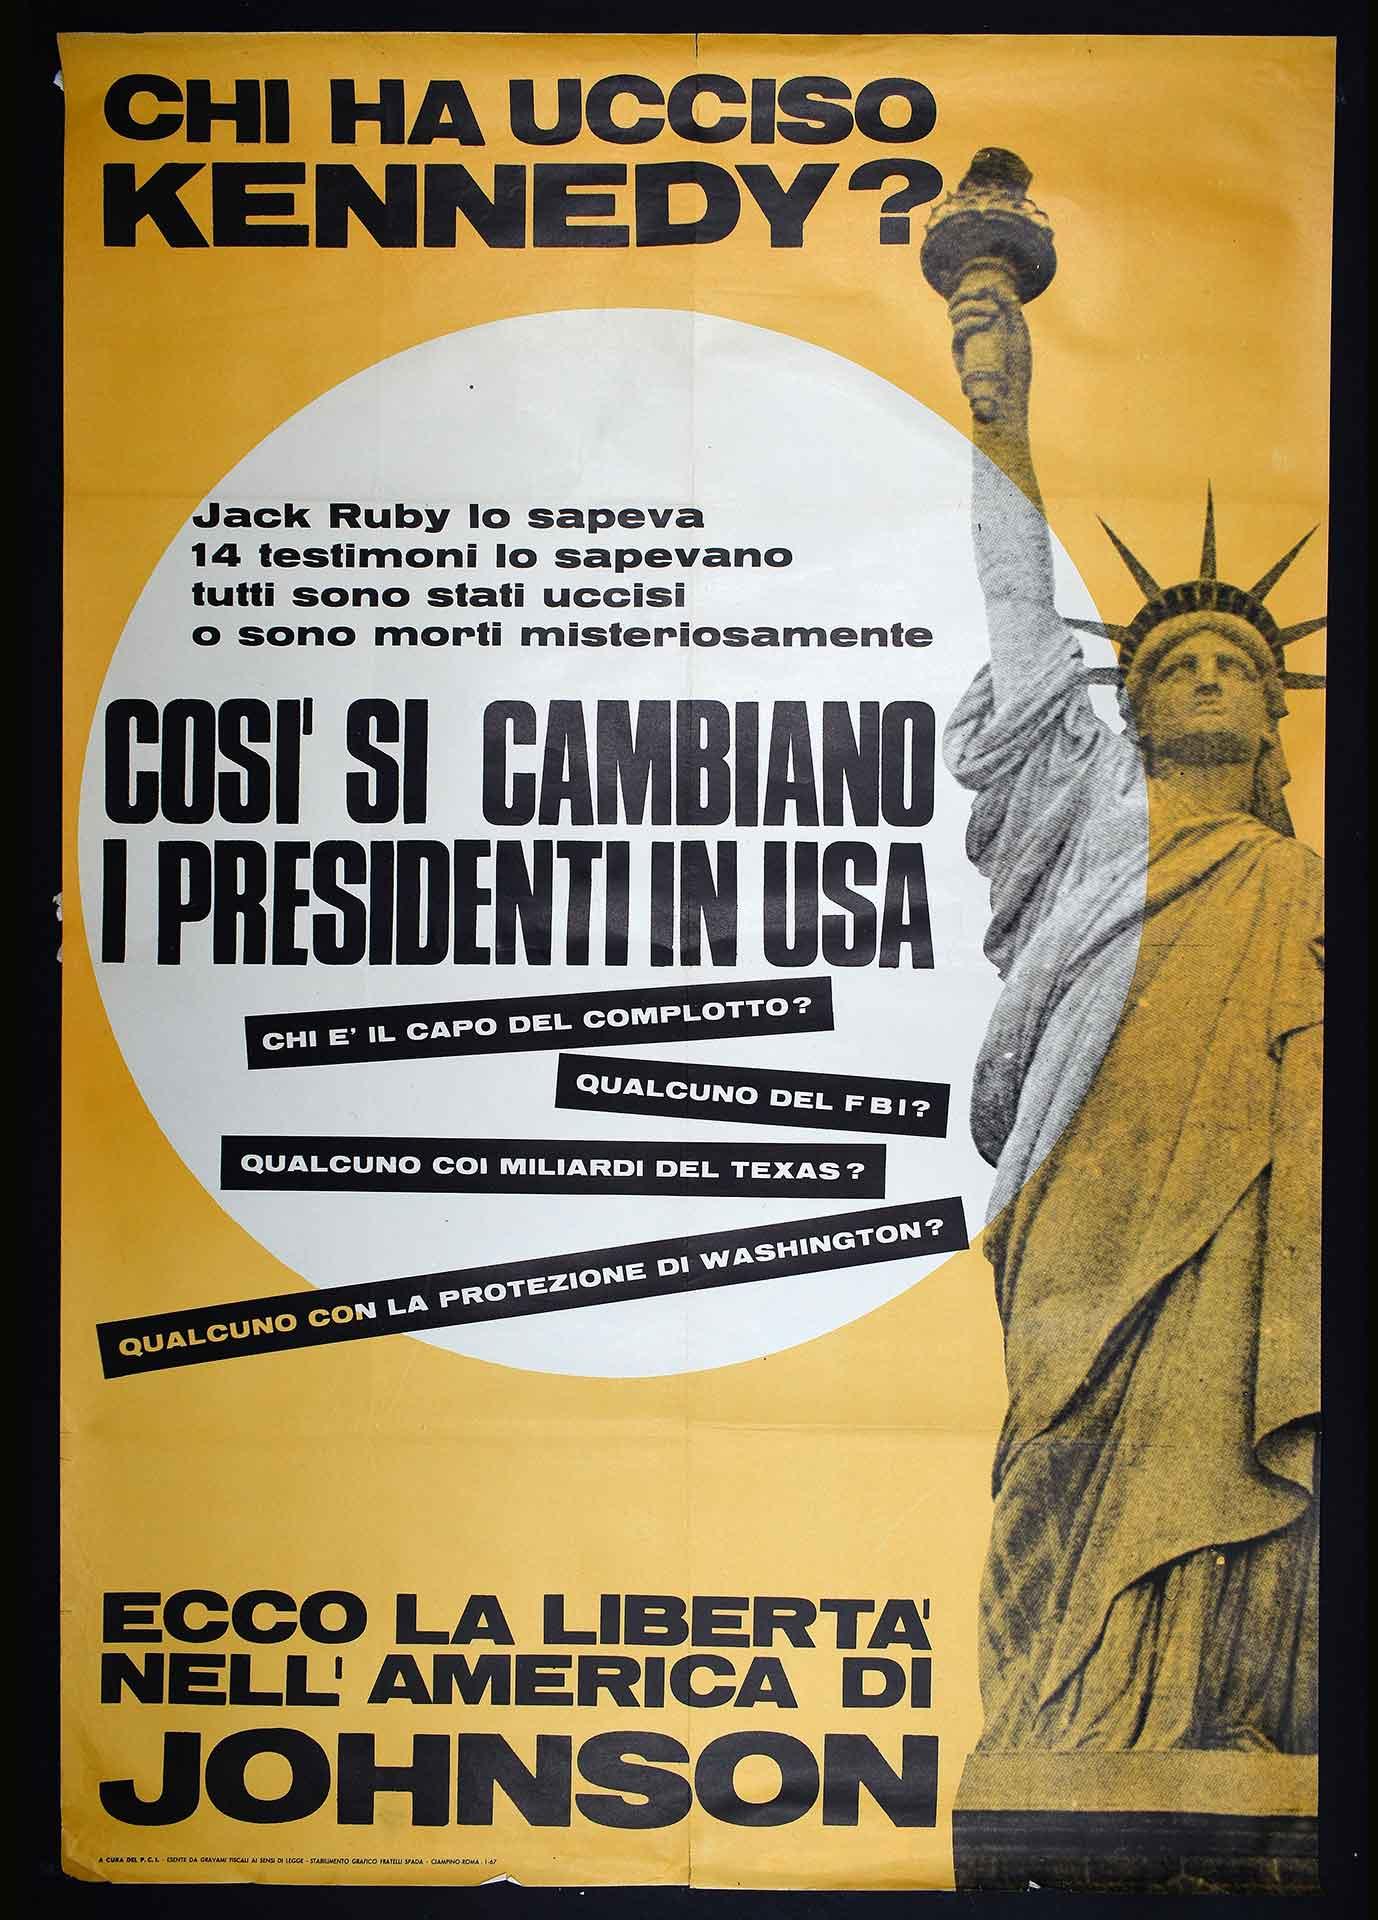 Il Partito comunista italiano (PCI) denuncia l'oscuro complotto dell'assassinio di kennedy. Stampa Fratelli Spada stabilimento grafico editoriale, Ciampino (Roma). Movimento antimperialista.